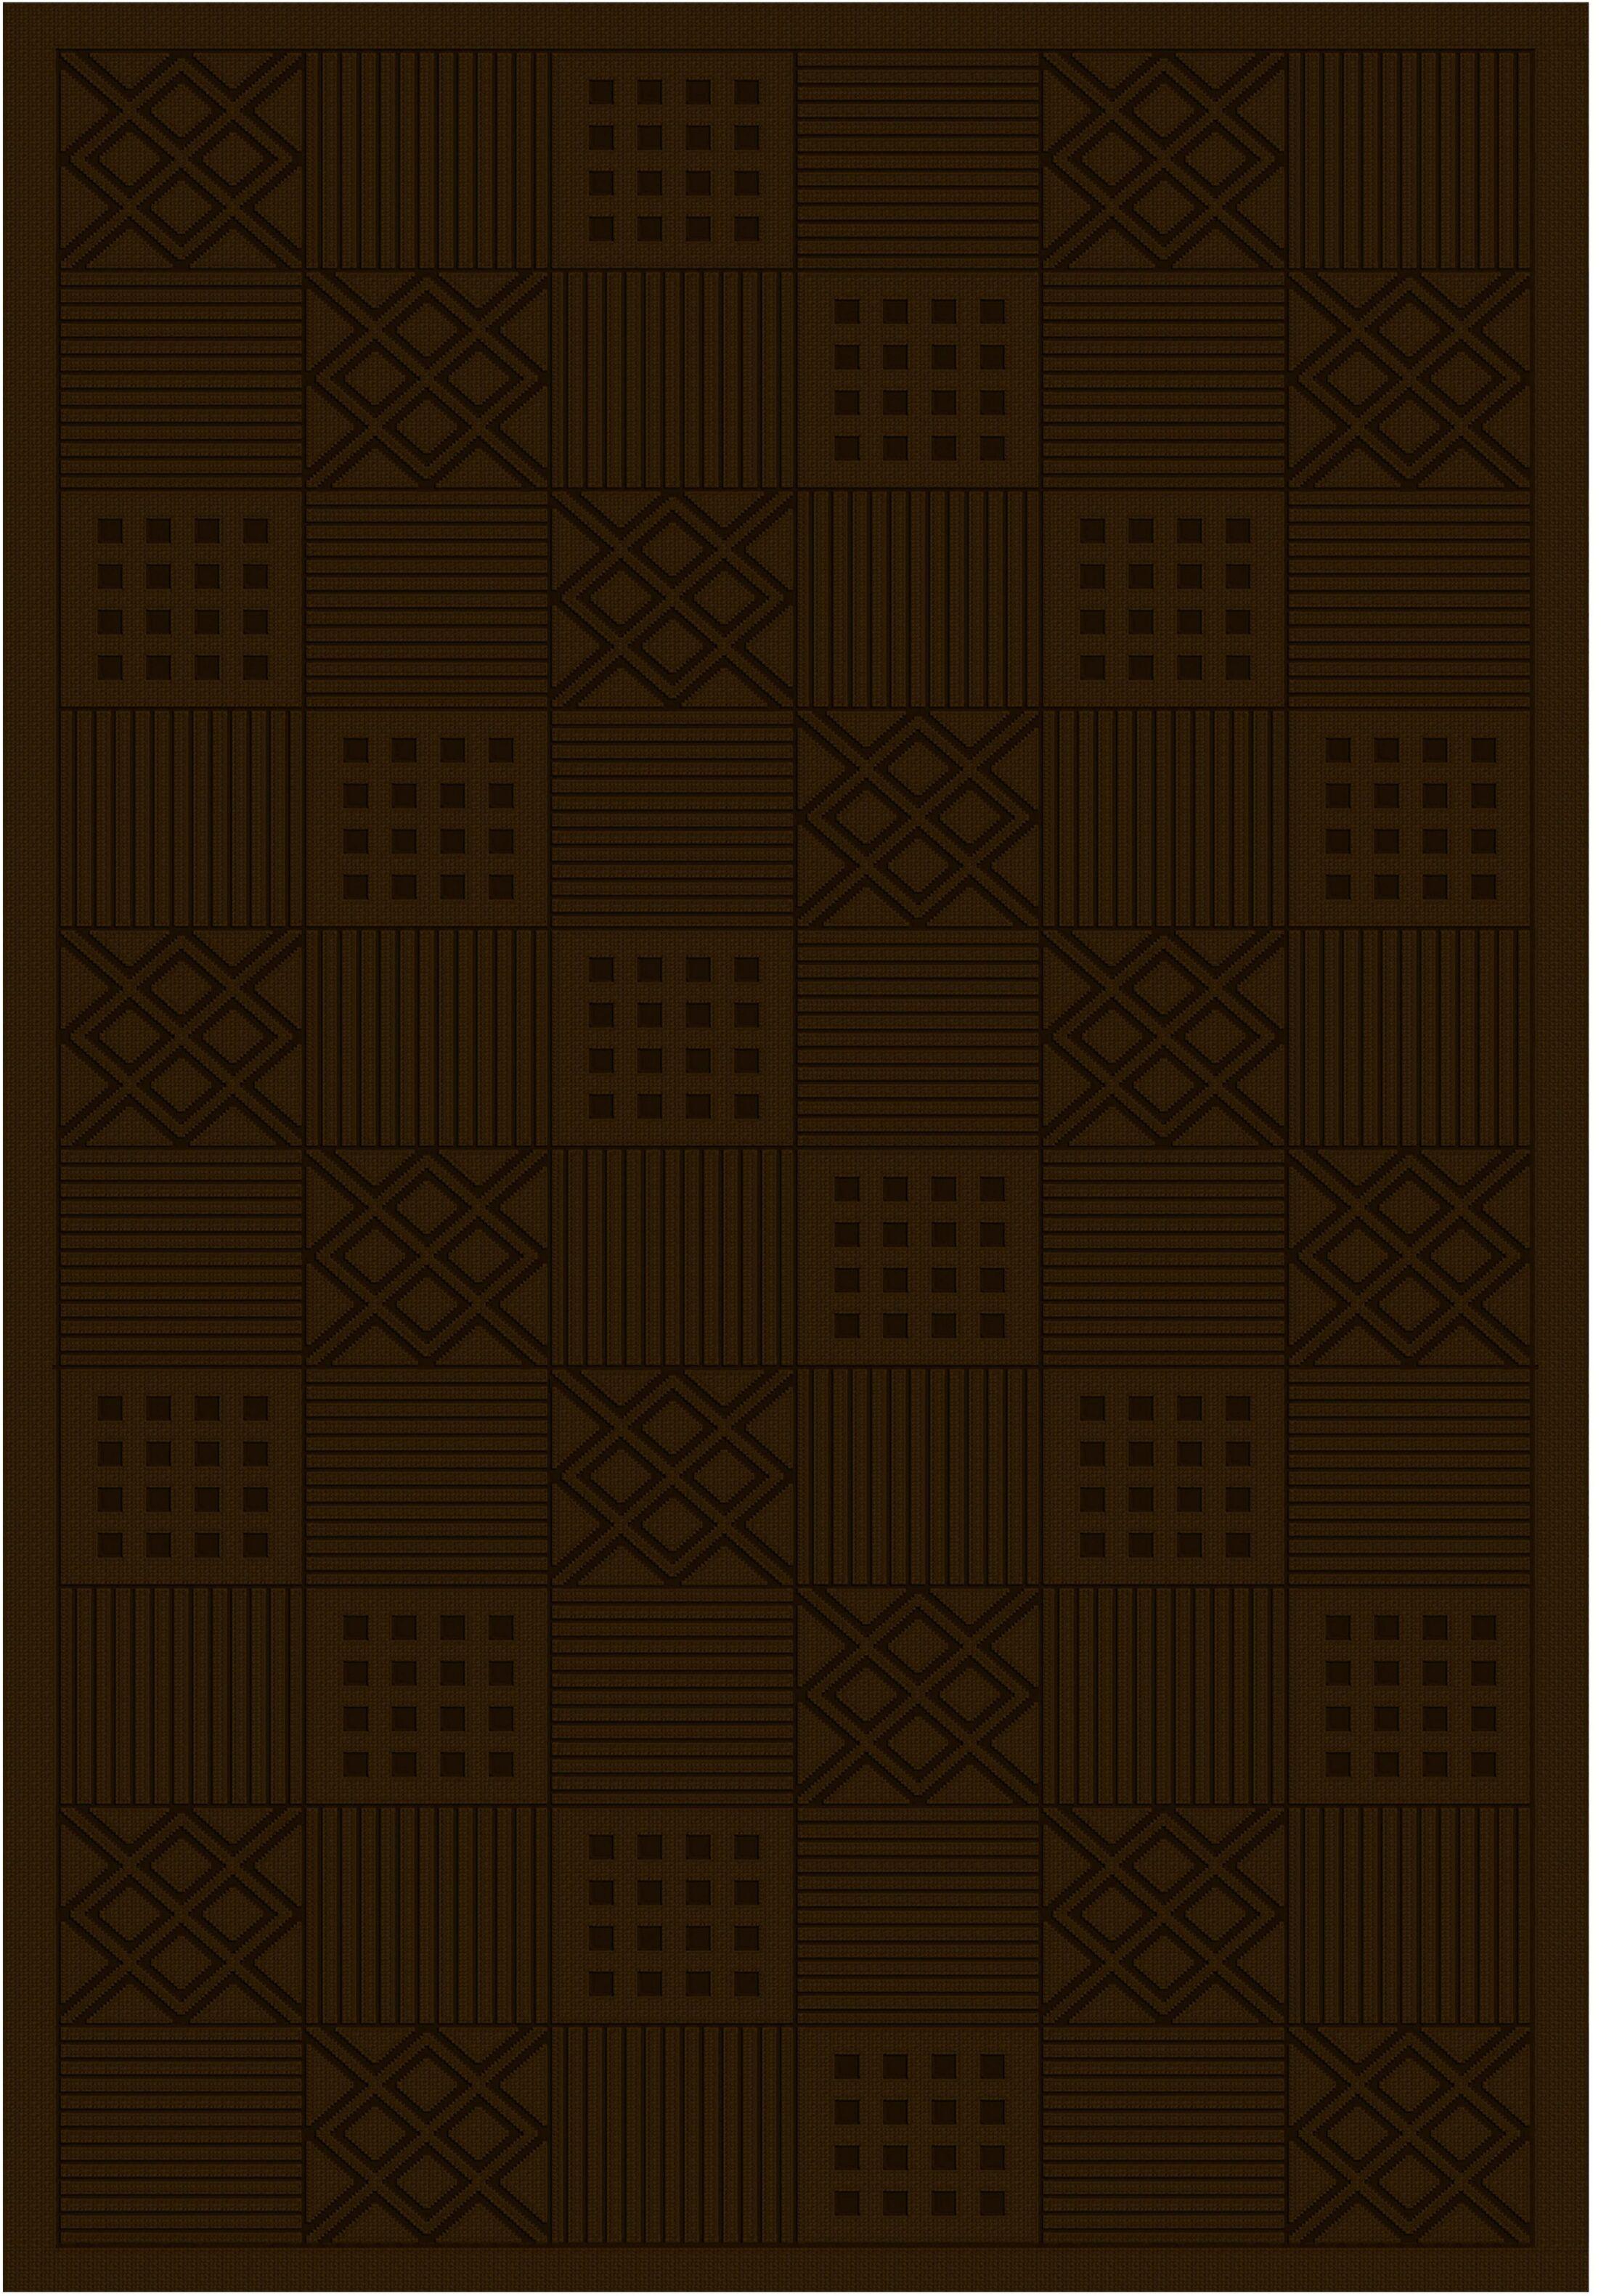 Cheshire Modelama Chocolate Rug Rug Size: Runner 2'2